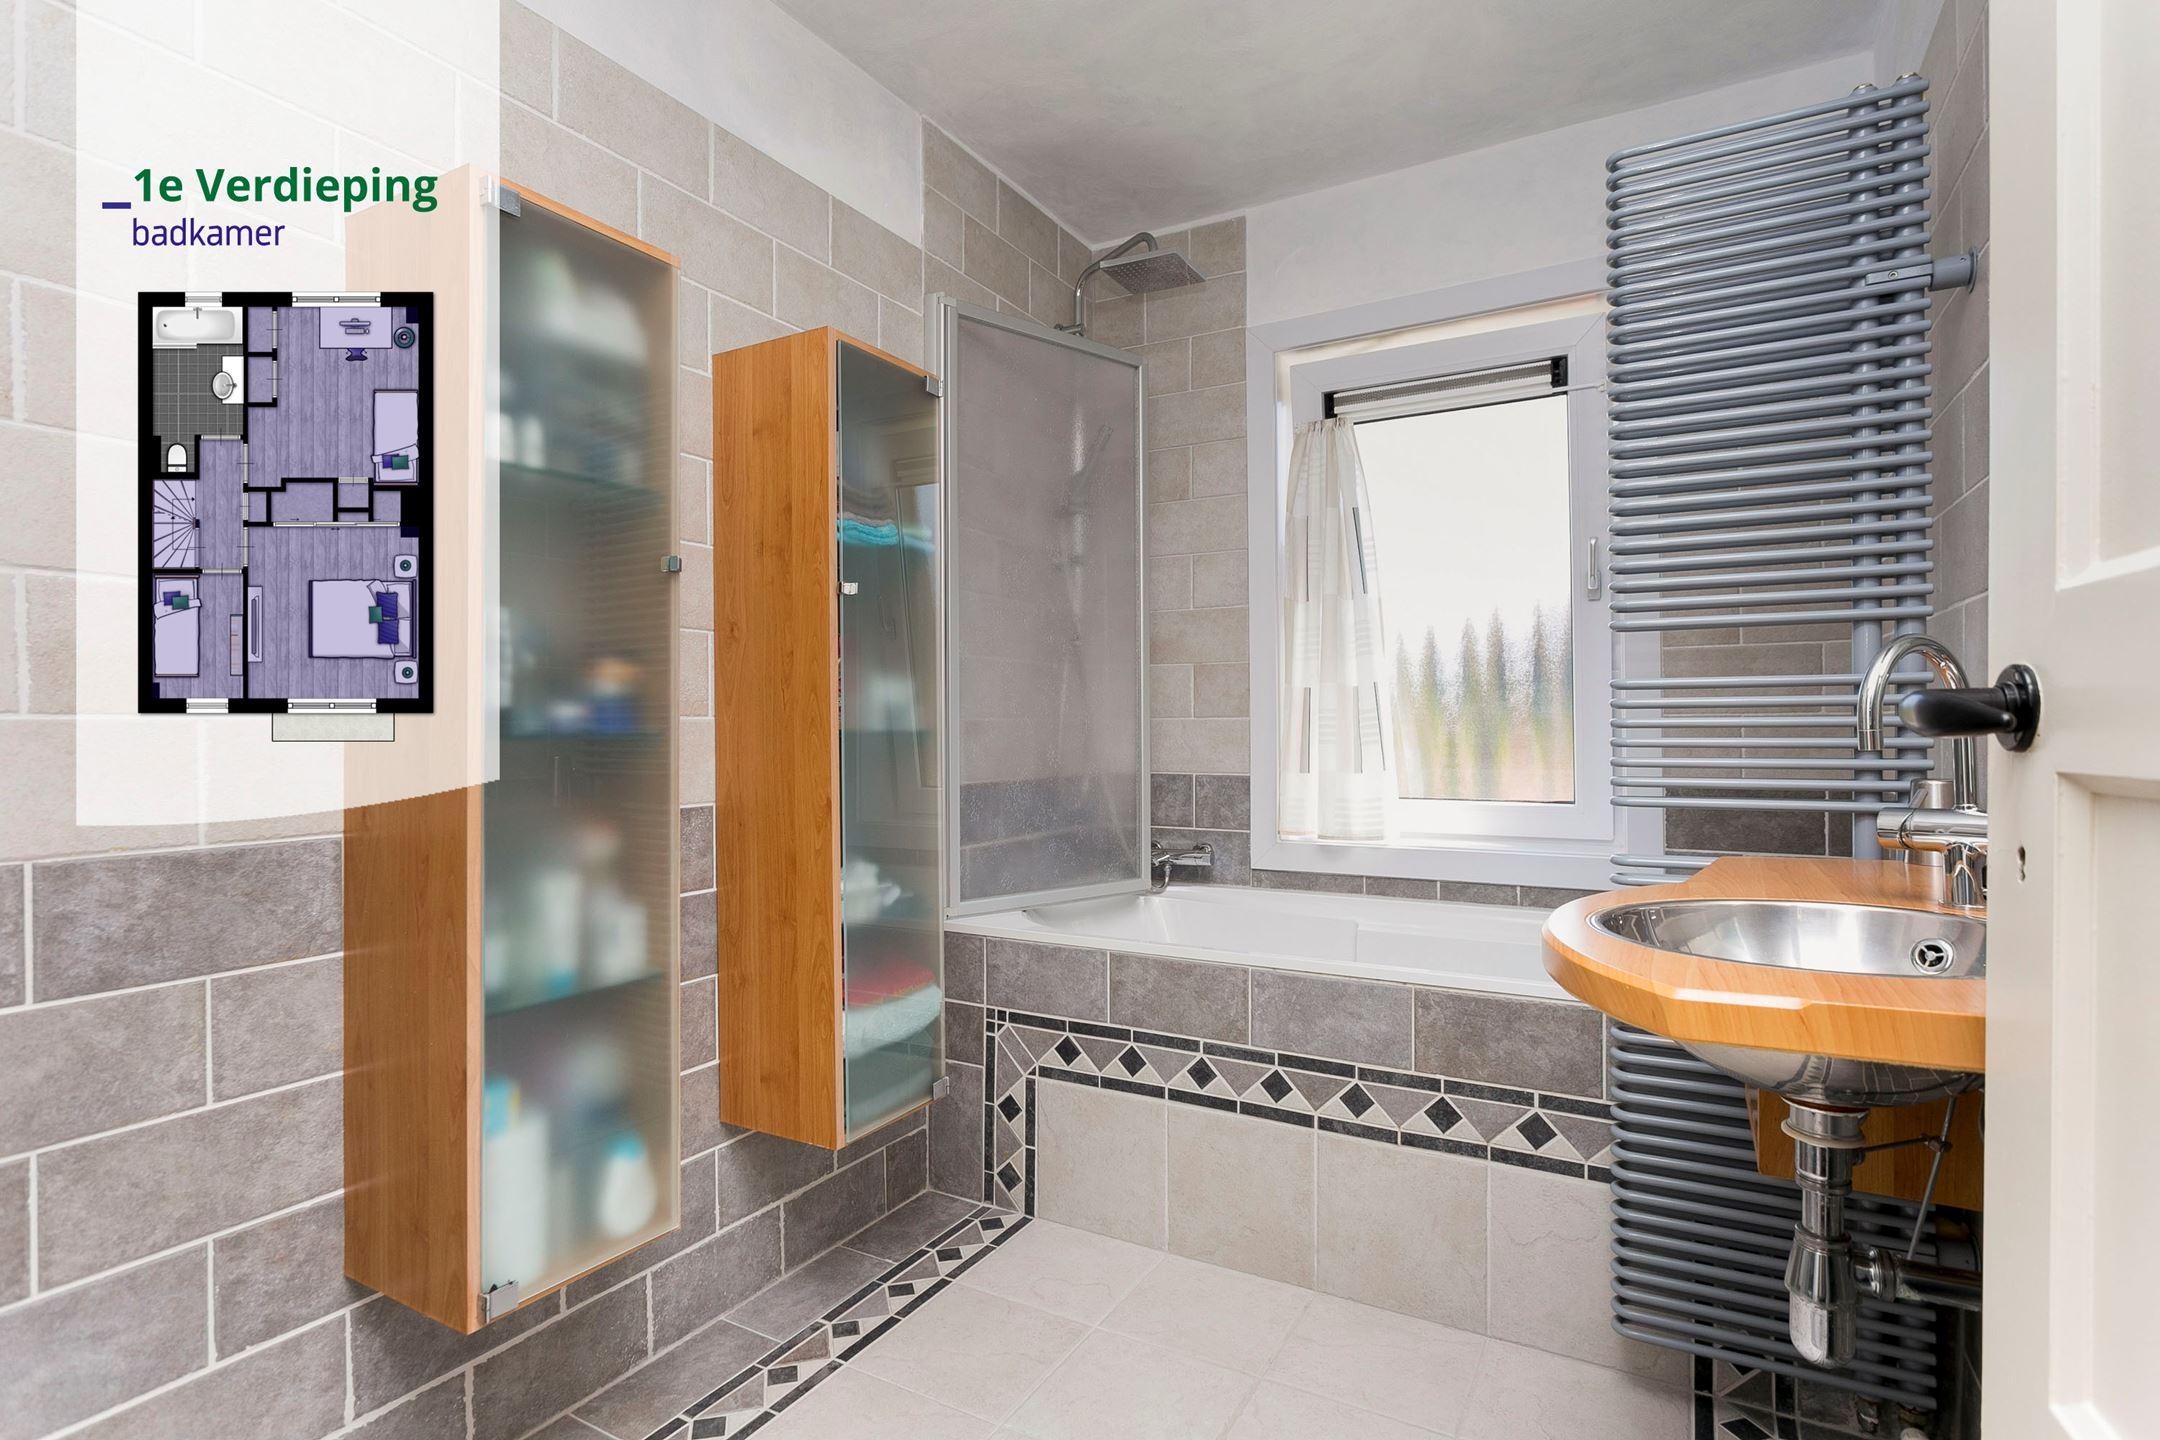 Aarding Badkamer Nen1010 : Zone indeling badkamer wastafel nen woningbouw nen